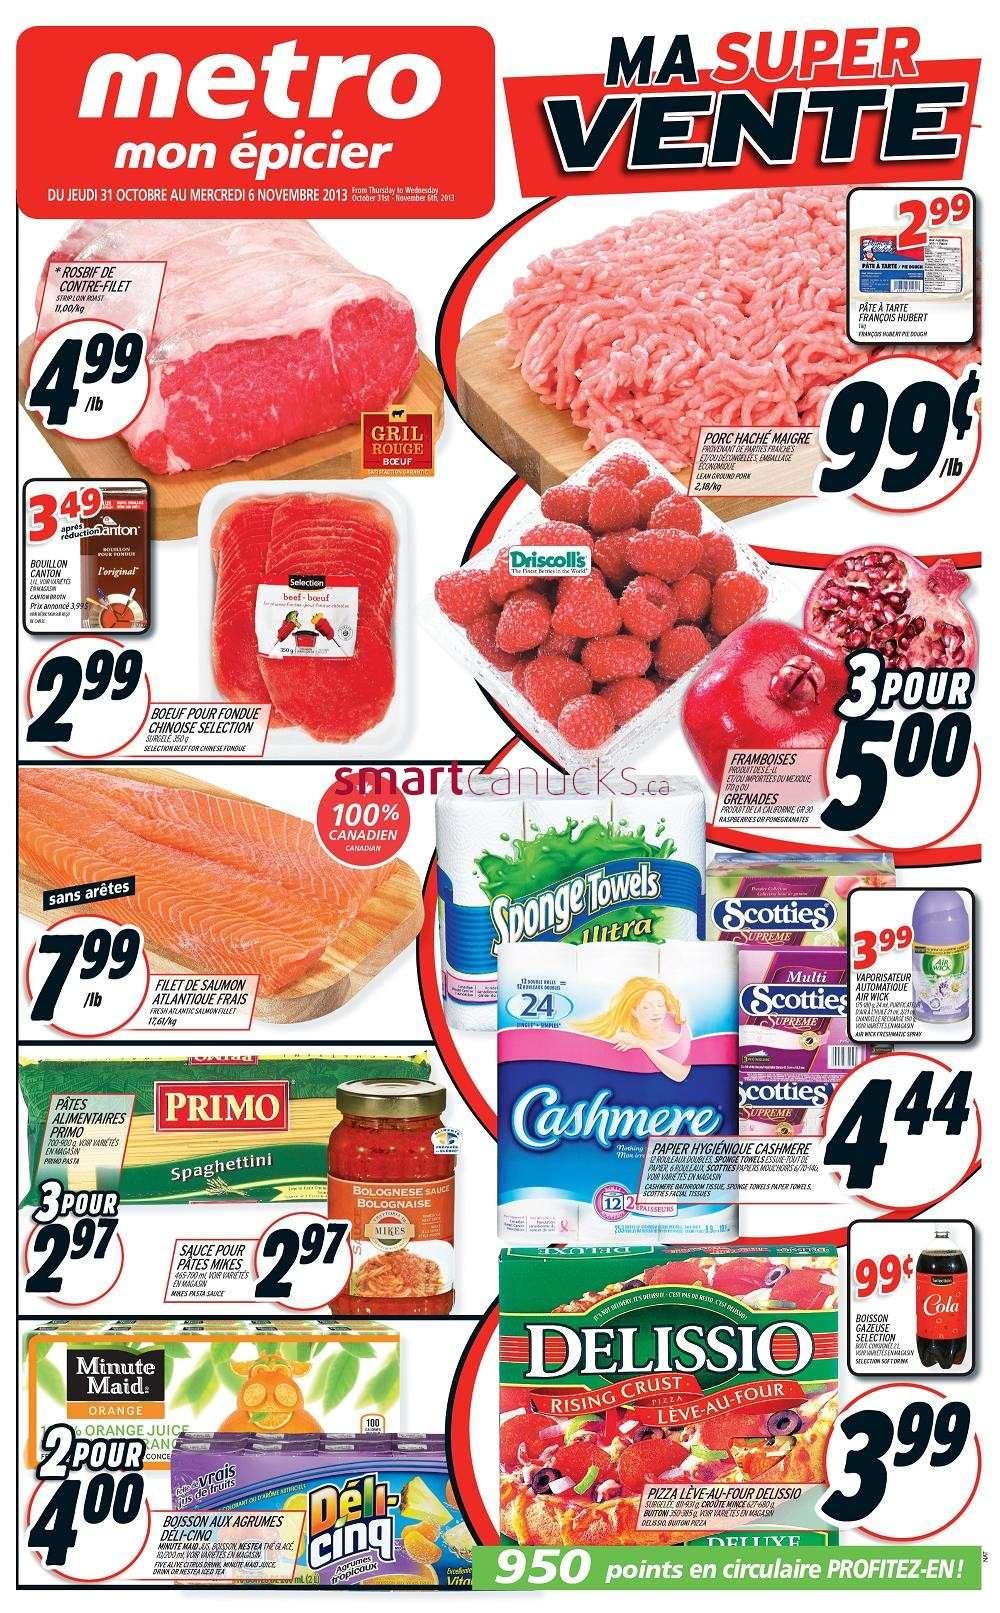 Photobook canada coupon code freecharge coupons 2018 december photobook canada coupon code fandeluxe Choice Image